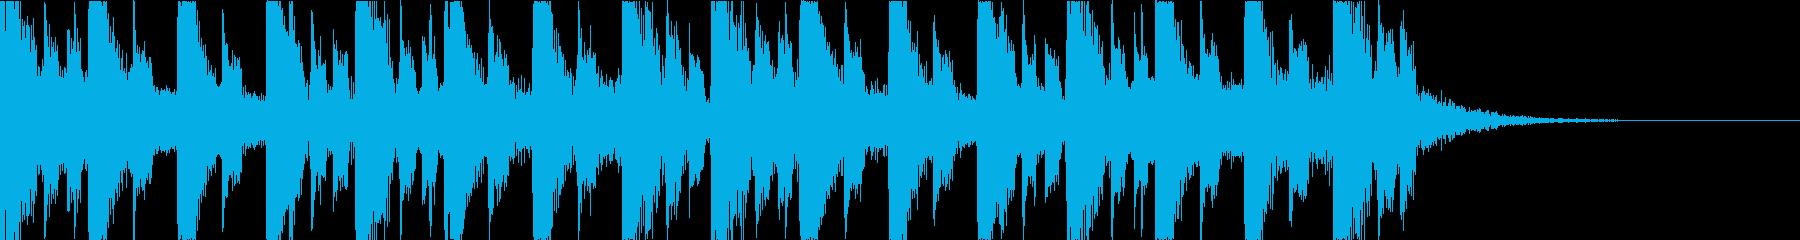 キャッチーで深みのあるEDM4の再生済みの波形